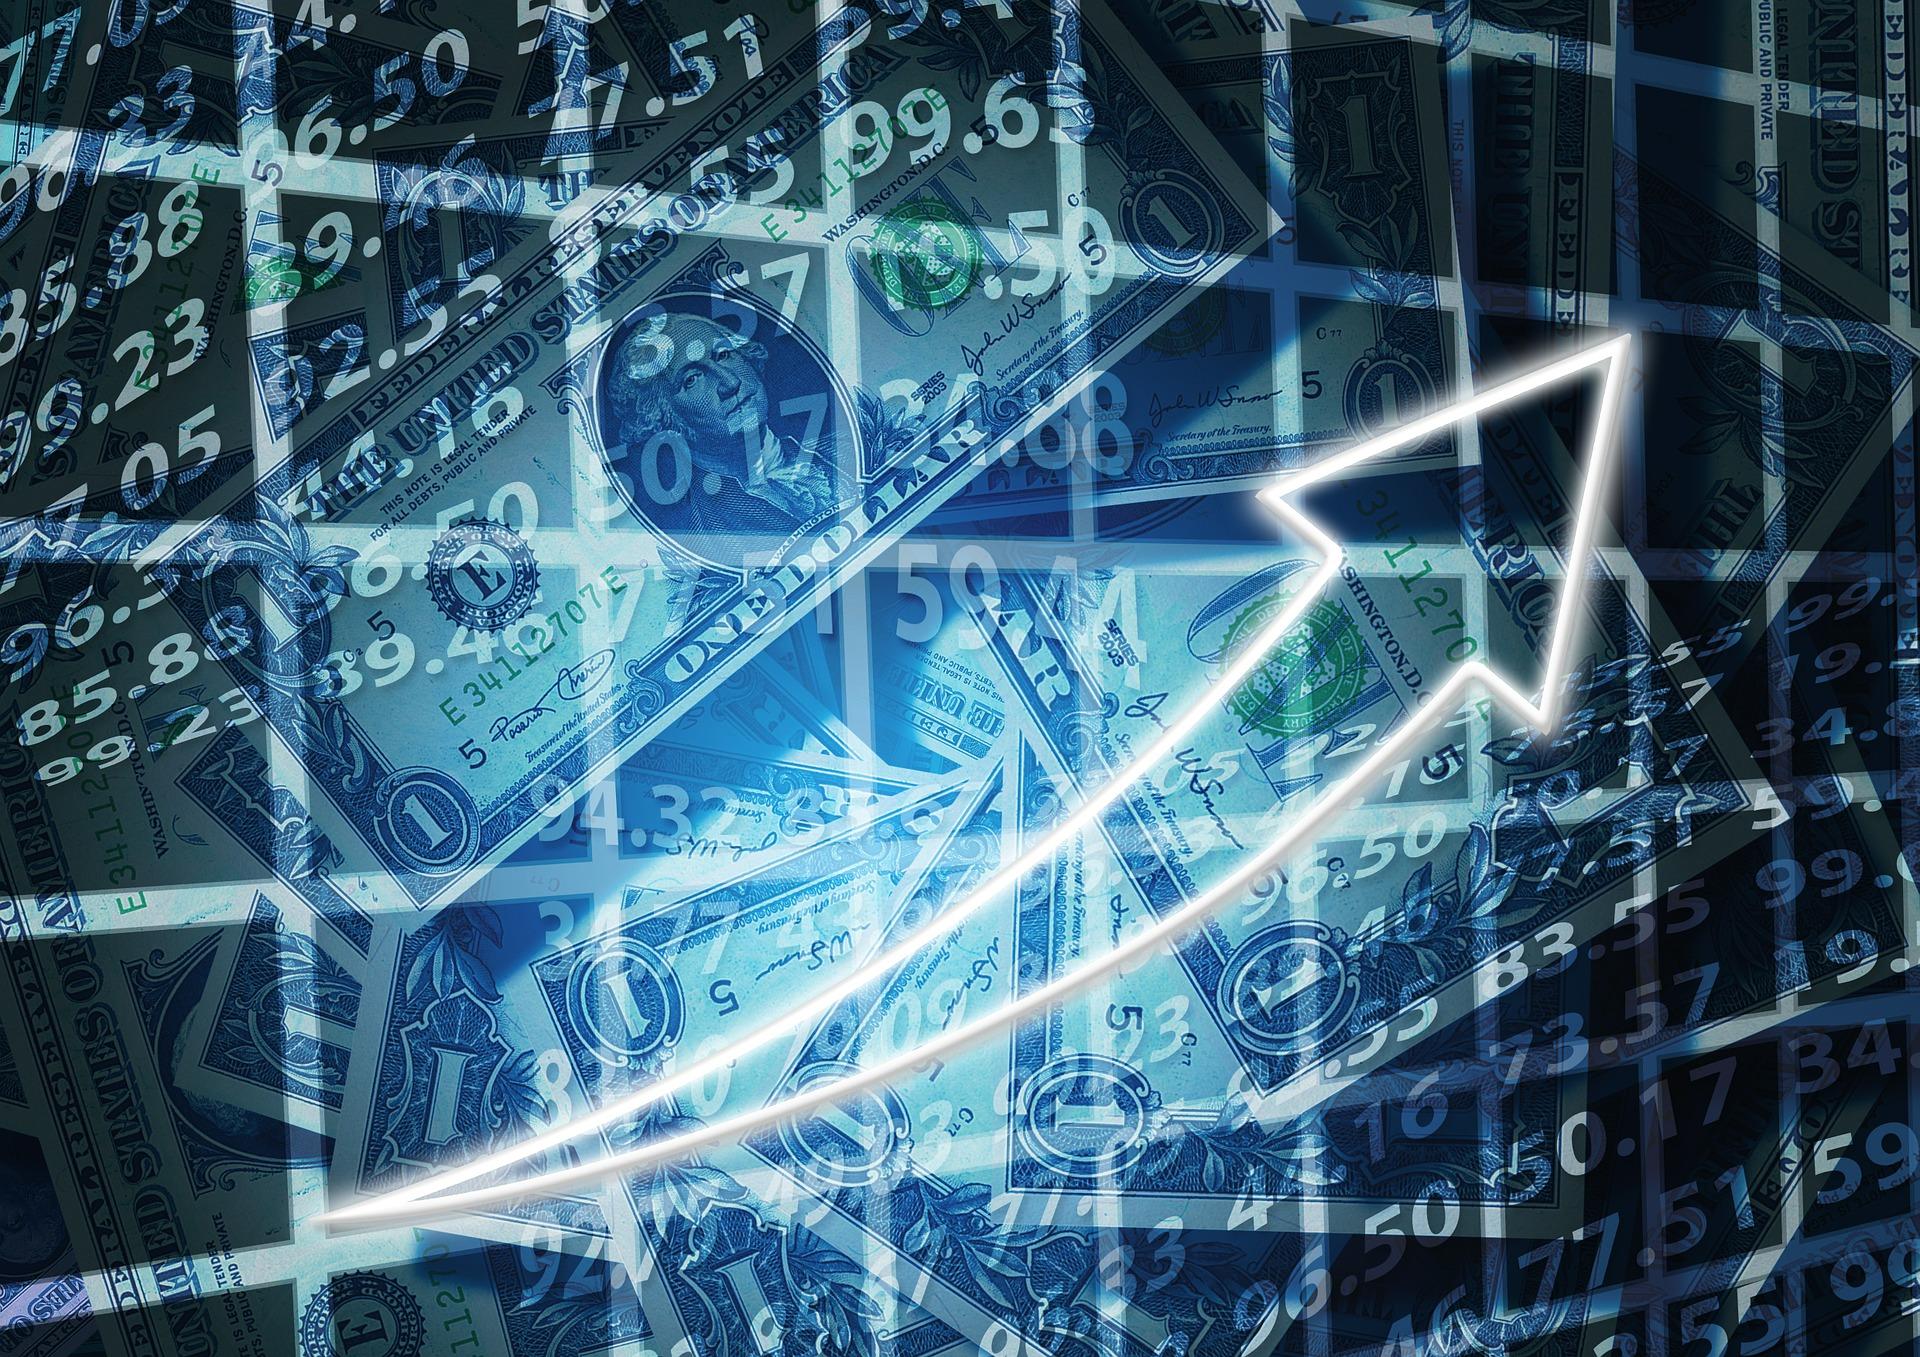 Como a economia digital está promovendo uma mudança social significativa